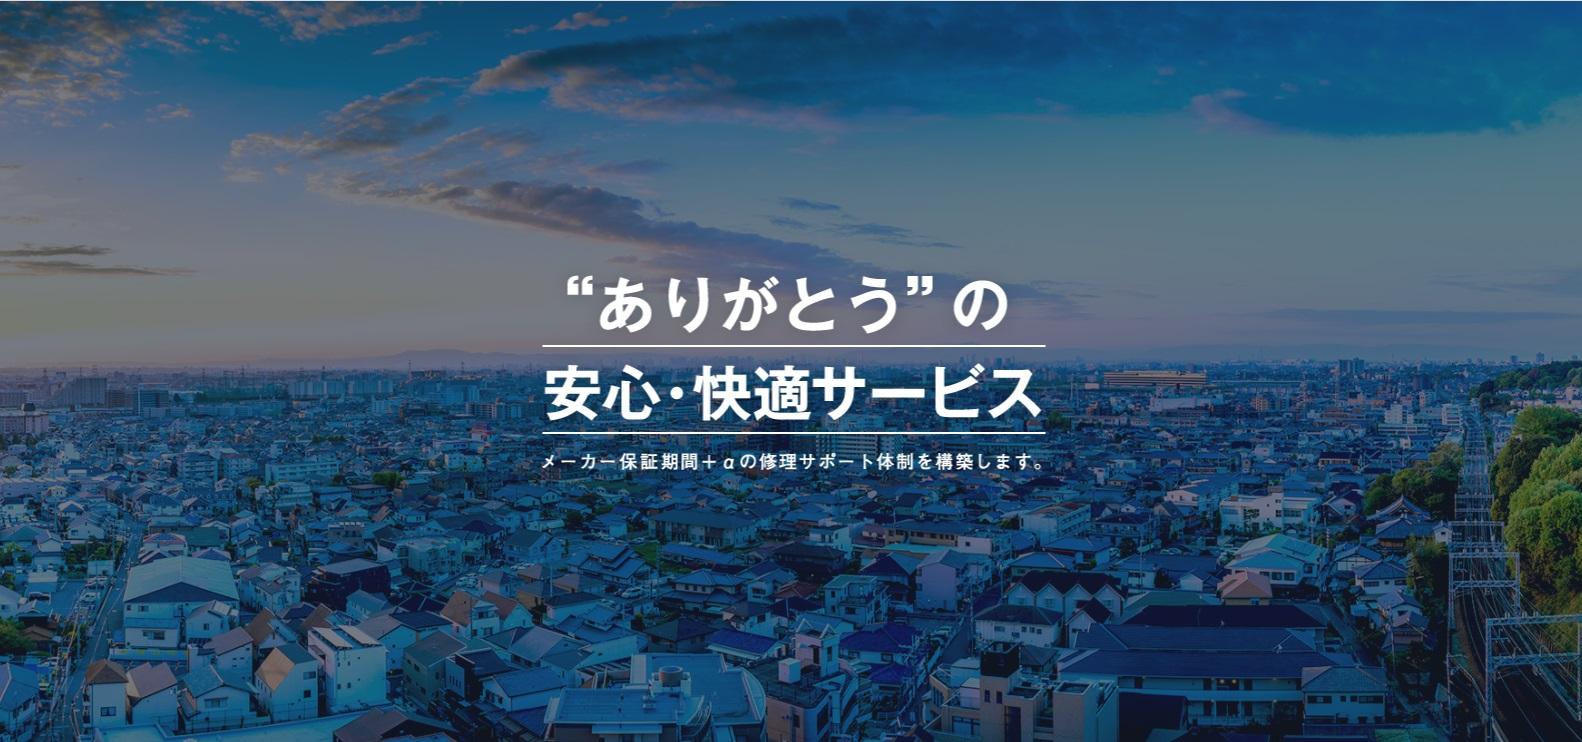 ジャパンワランティサポート株式会社が「住宅設備保証会社 サポート満足度」など4項目で第1位を獲得!